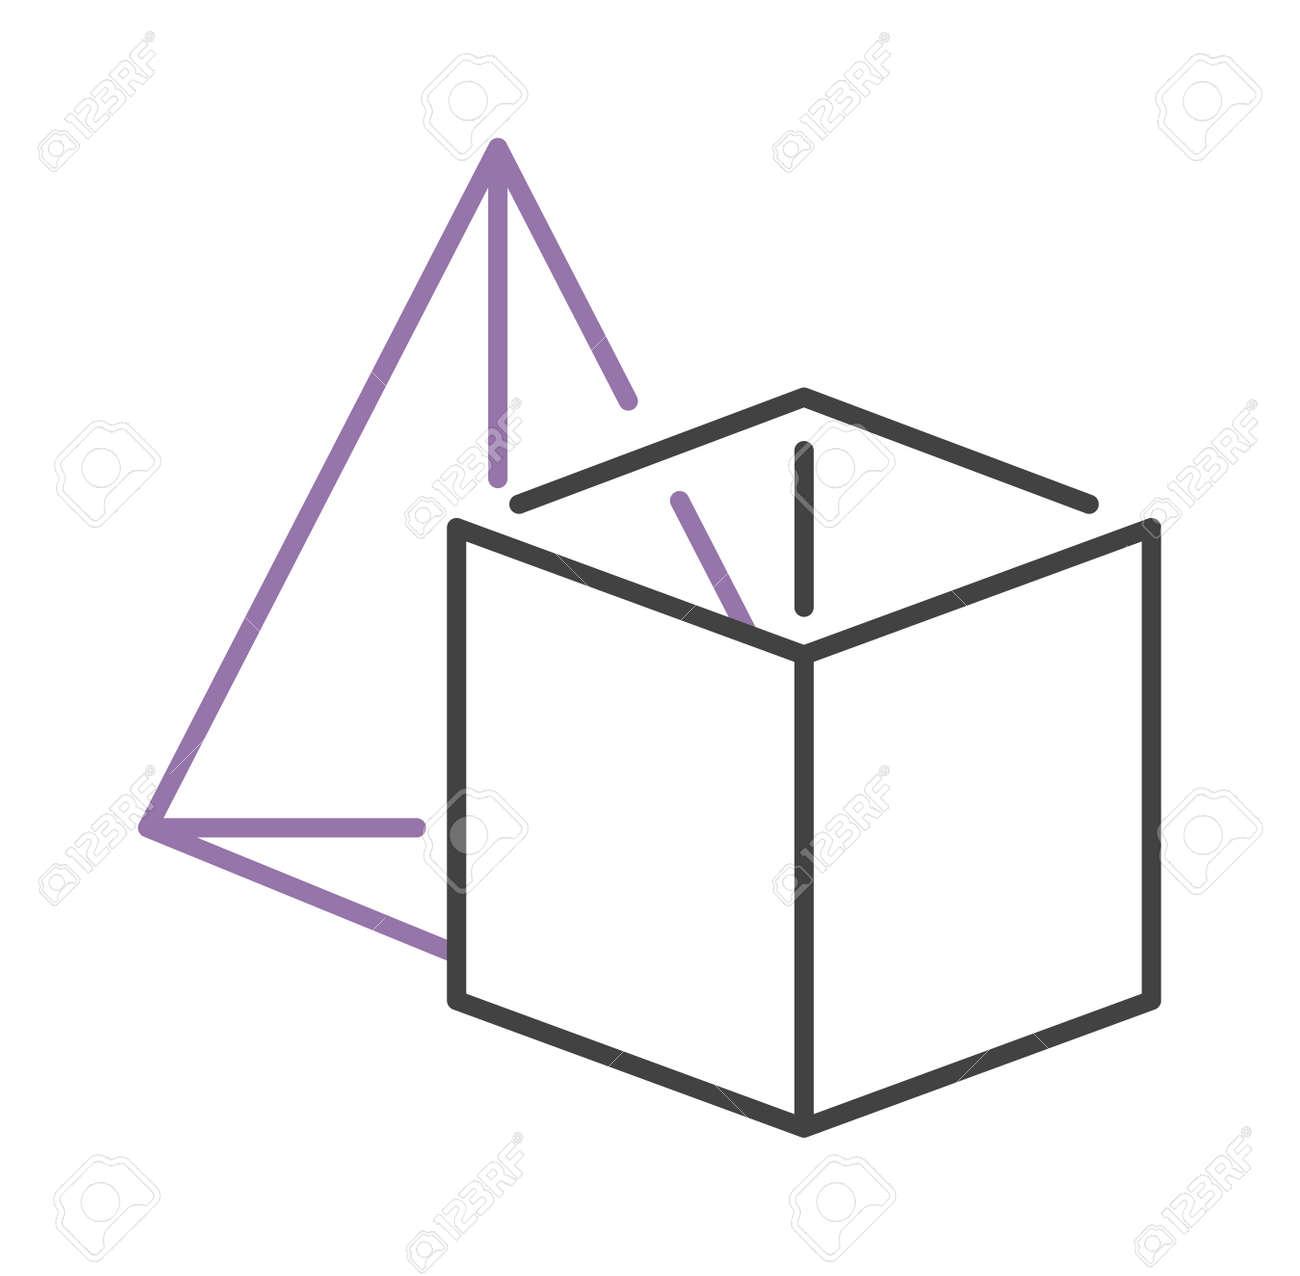 Icosaedro Línea De Dibujo Vectorial, Geometría Sagrada, Formas ...